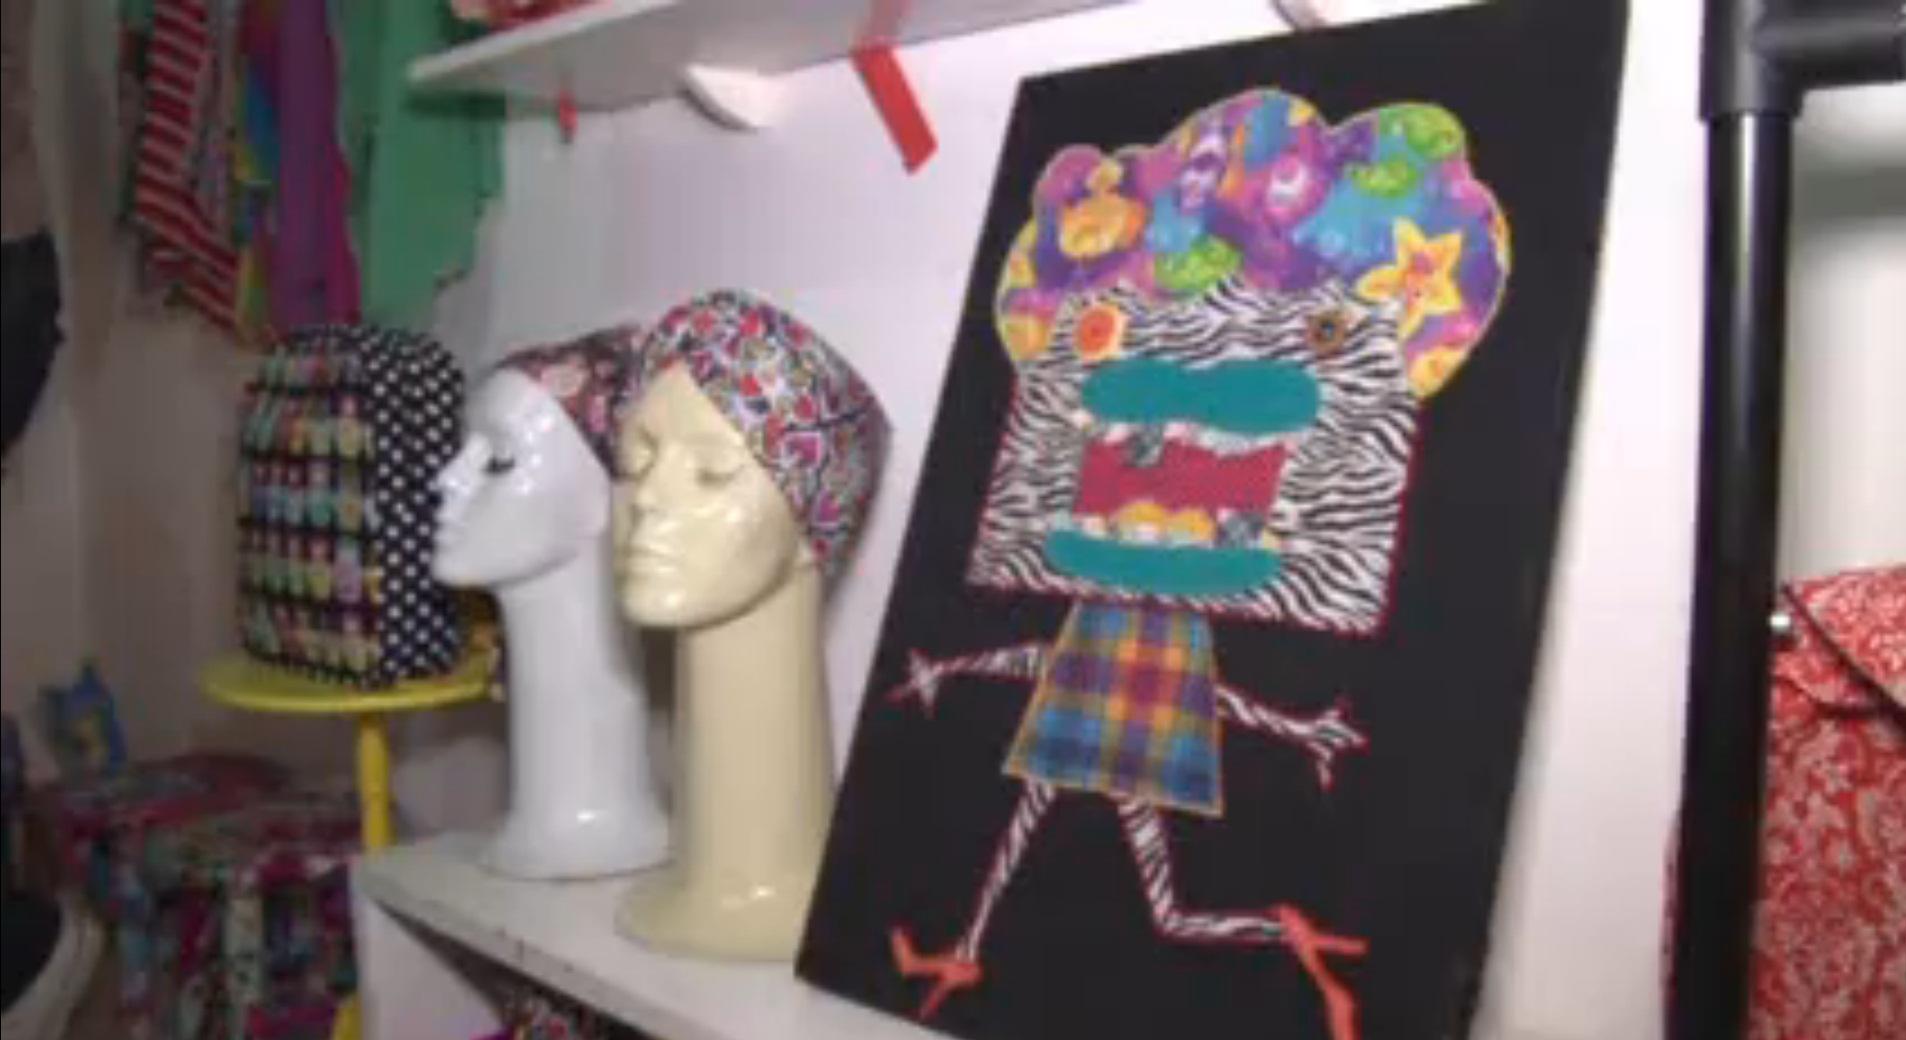 Artista cearense cria acessórios a partir de retalhos de tecidos